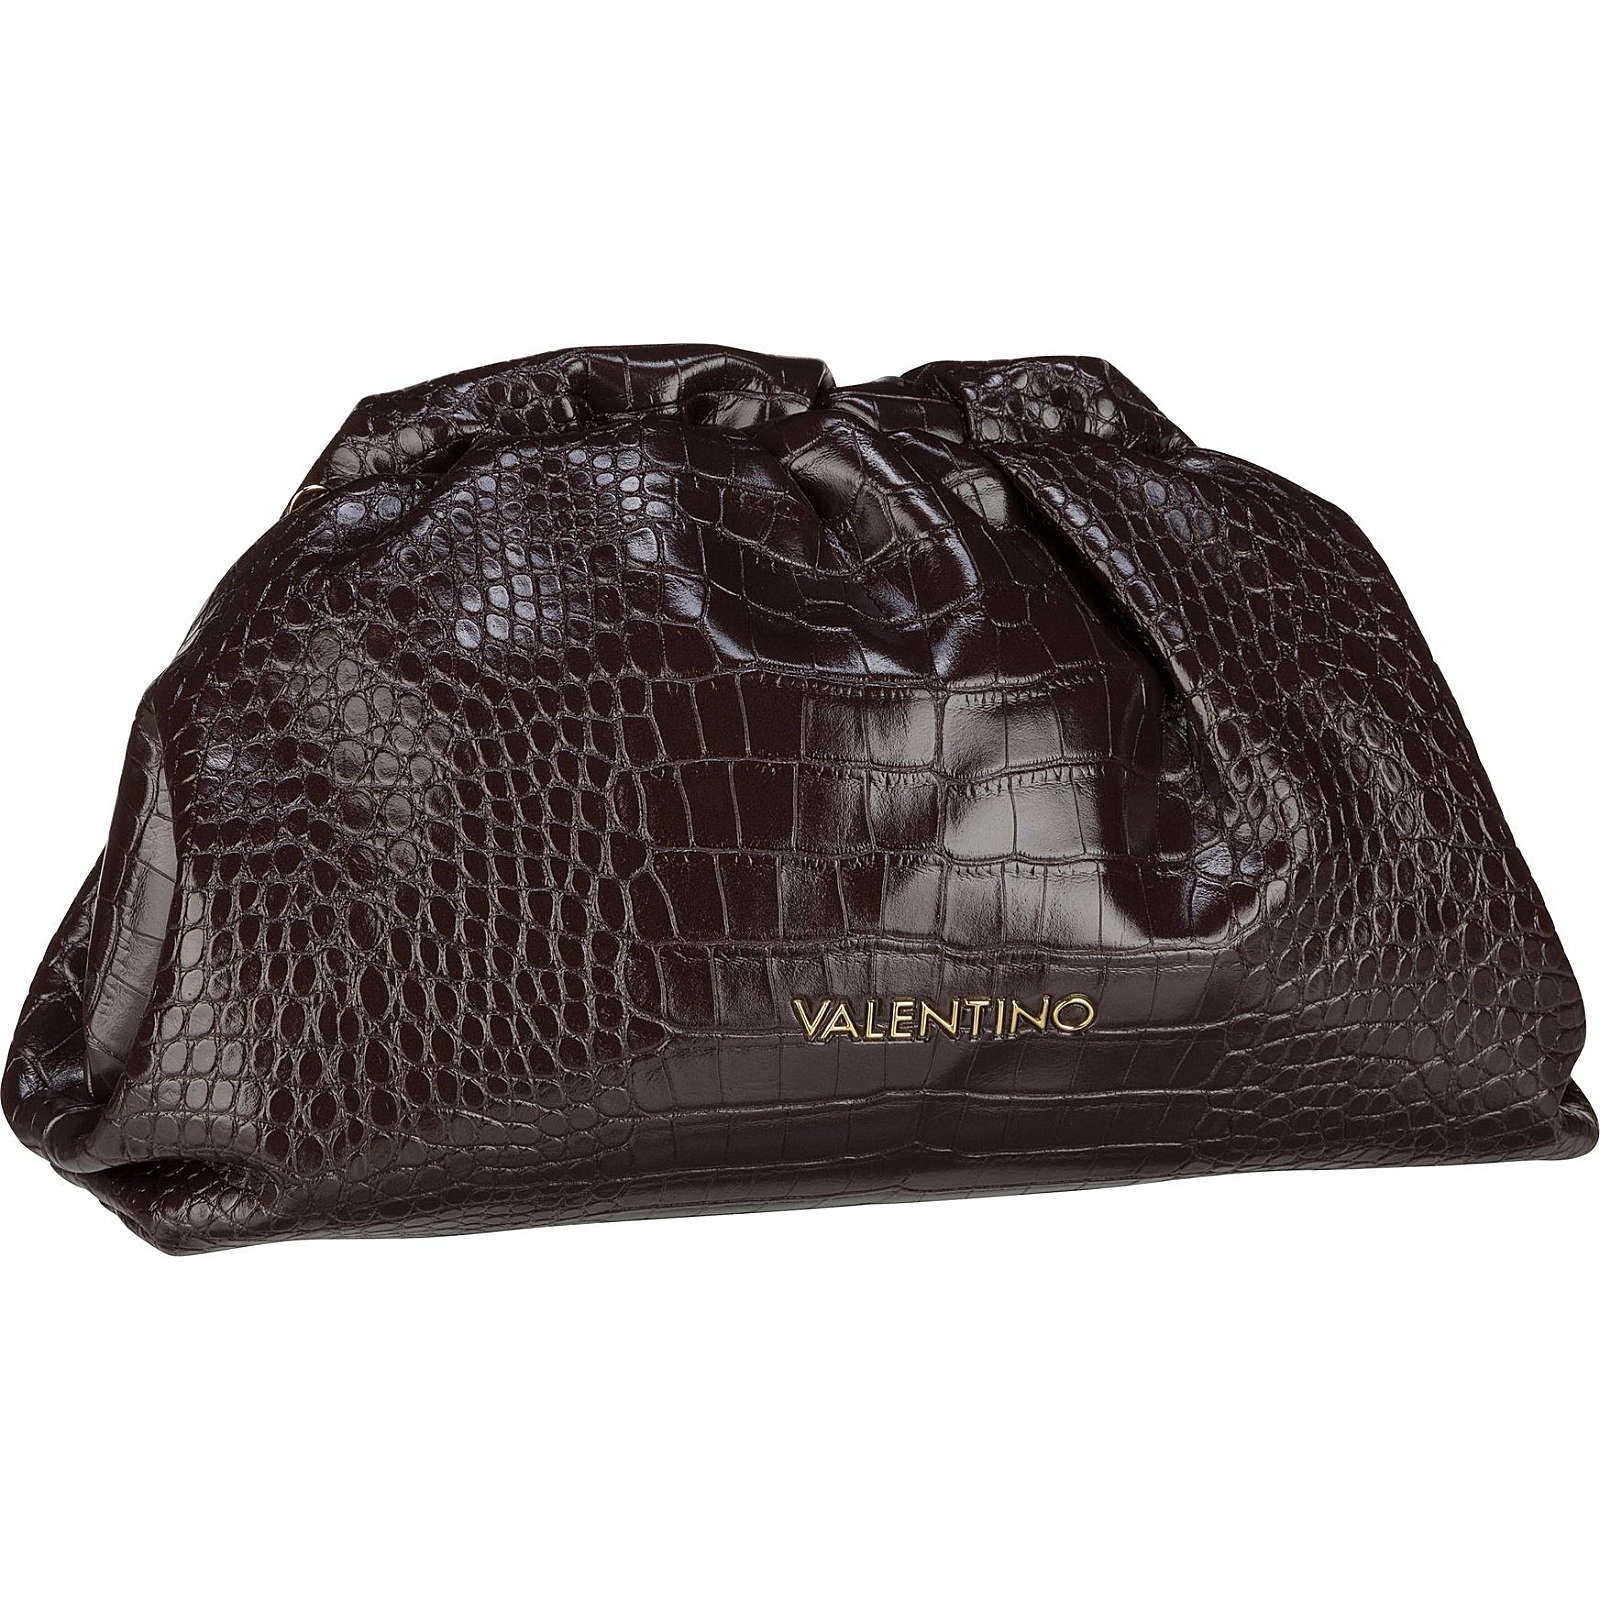 Valentino Abendtasche & Clutch Covent Pochette R01C Clutches braun Damen